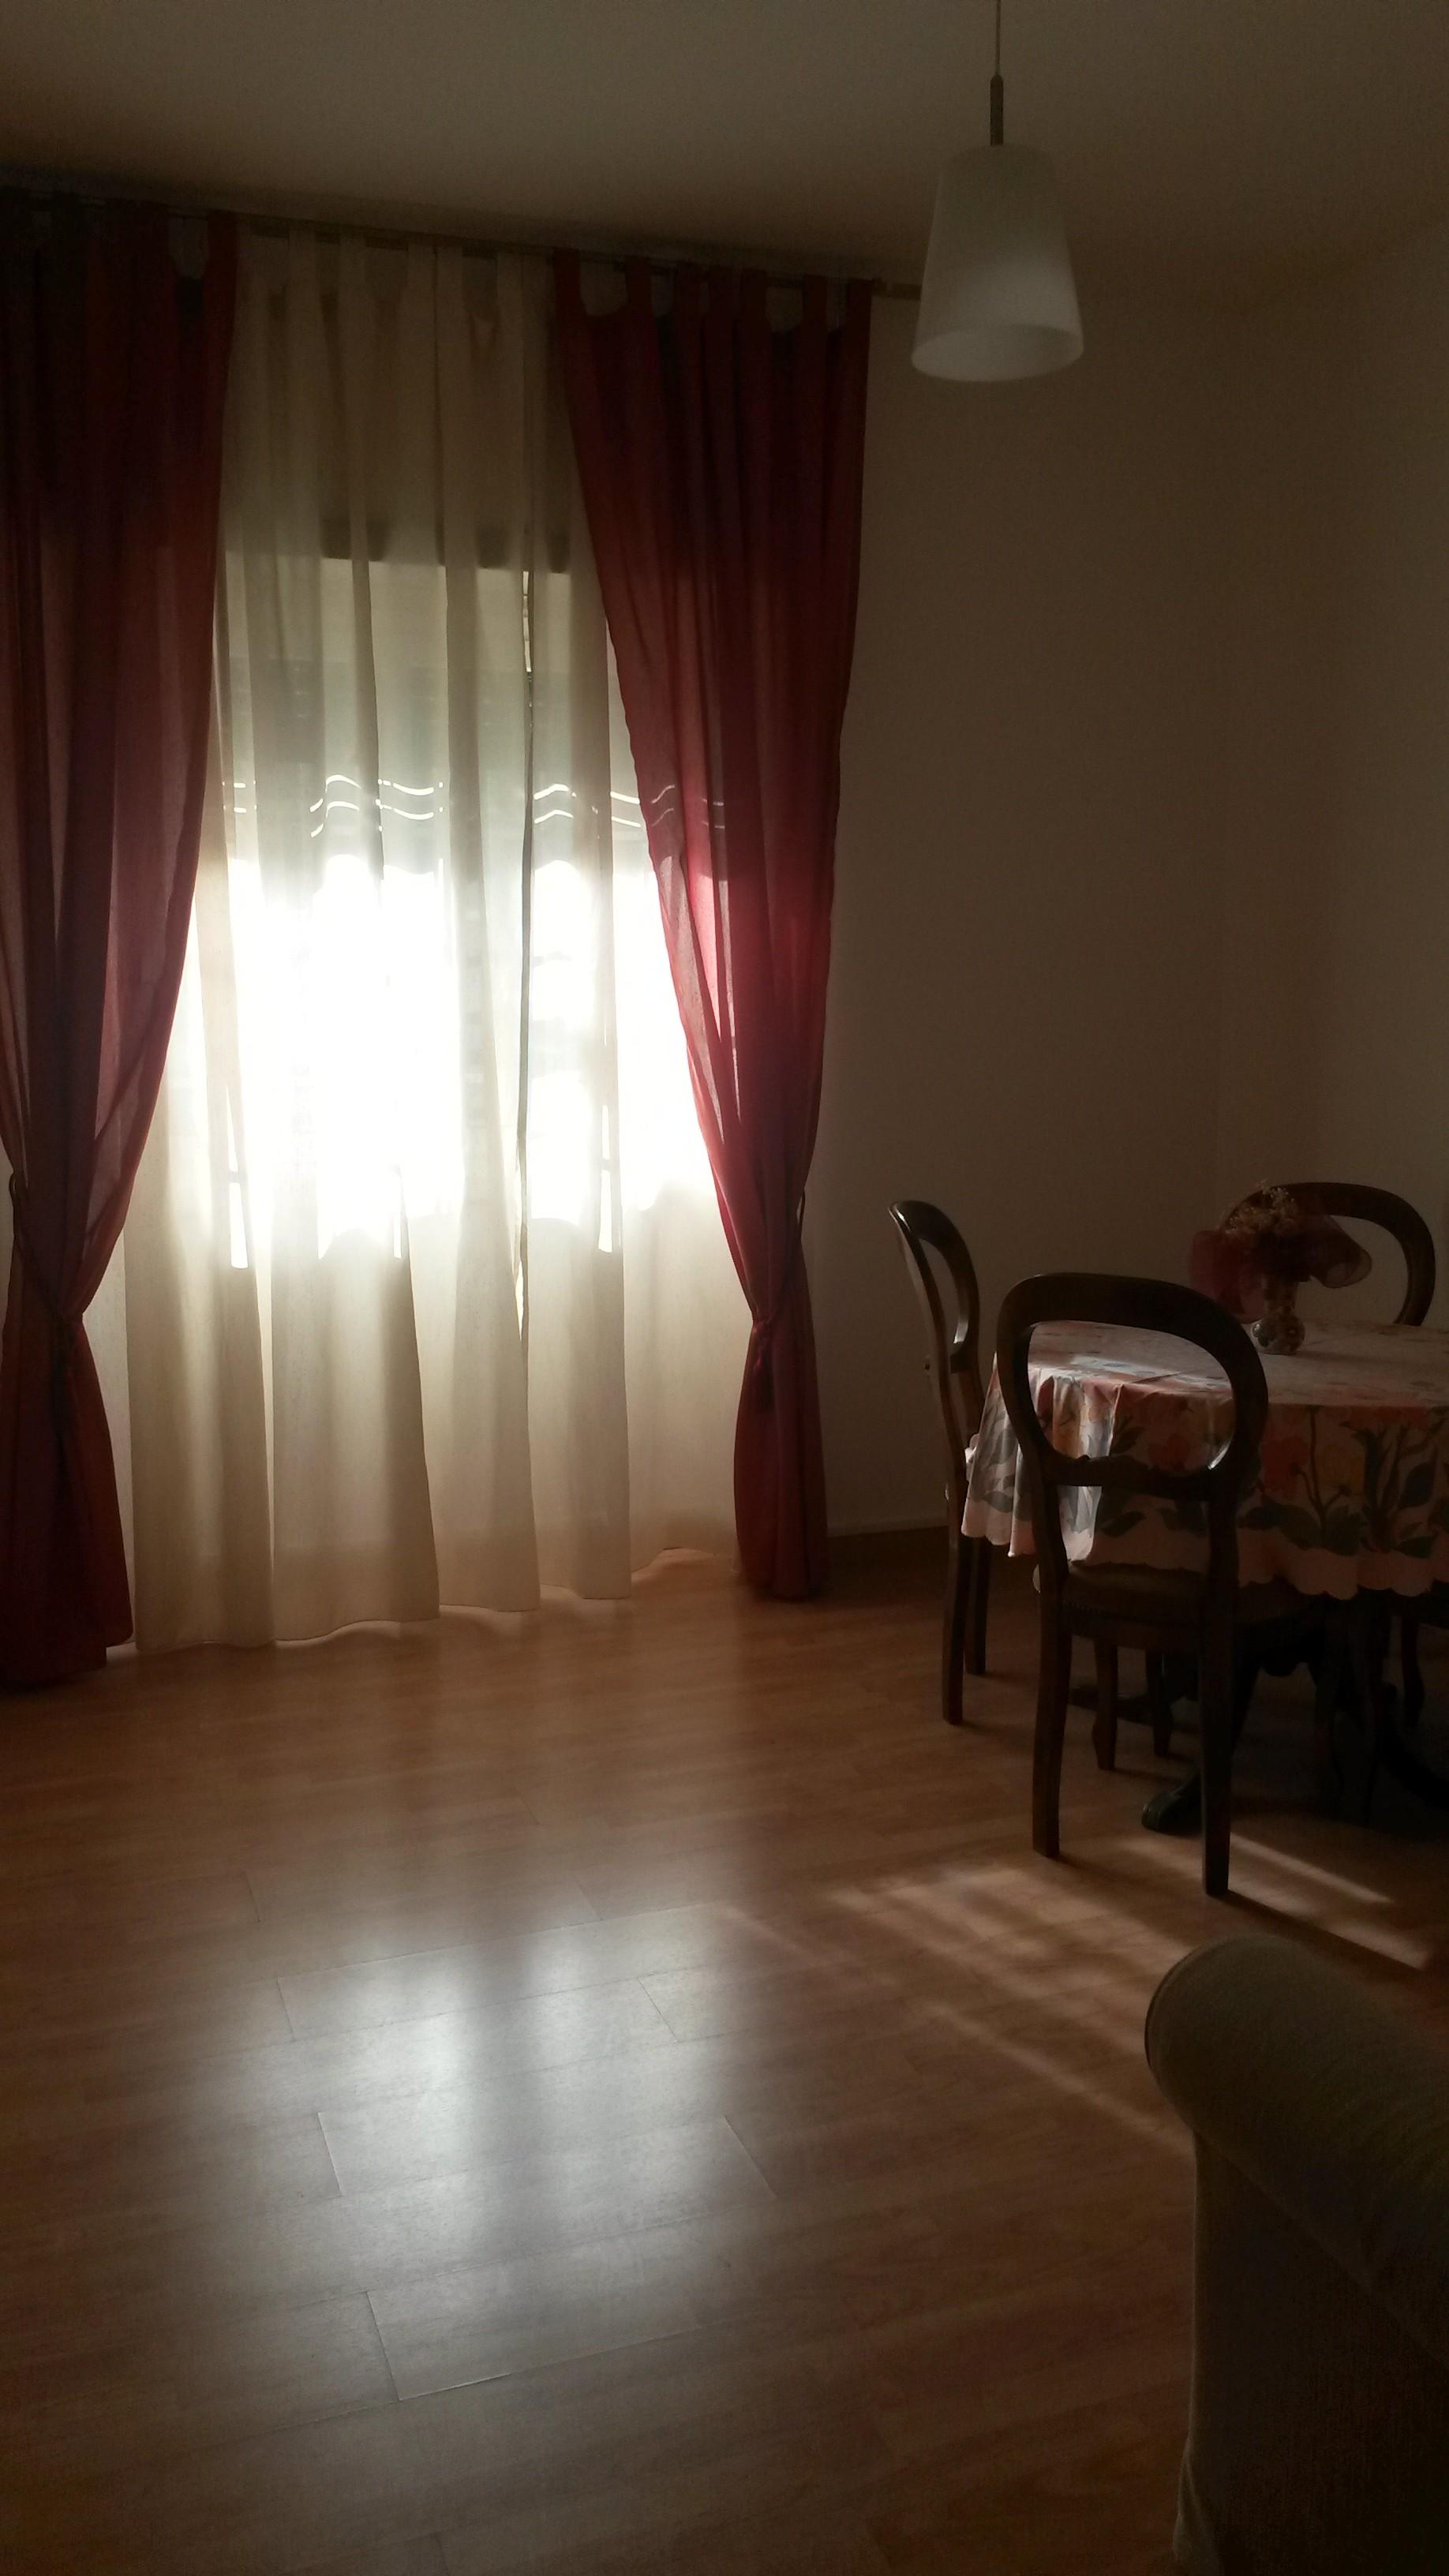 Camera in appartamento con tre stanze, bagno e cucina a nuovo ...